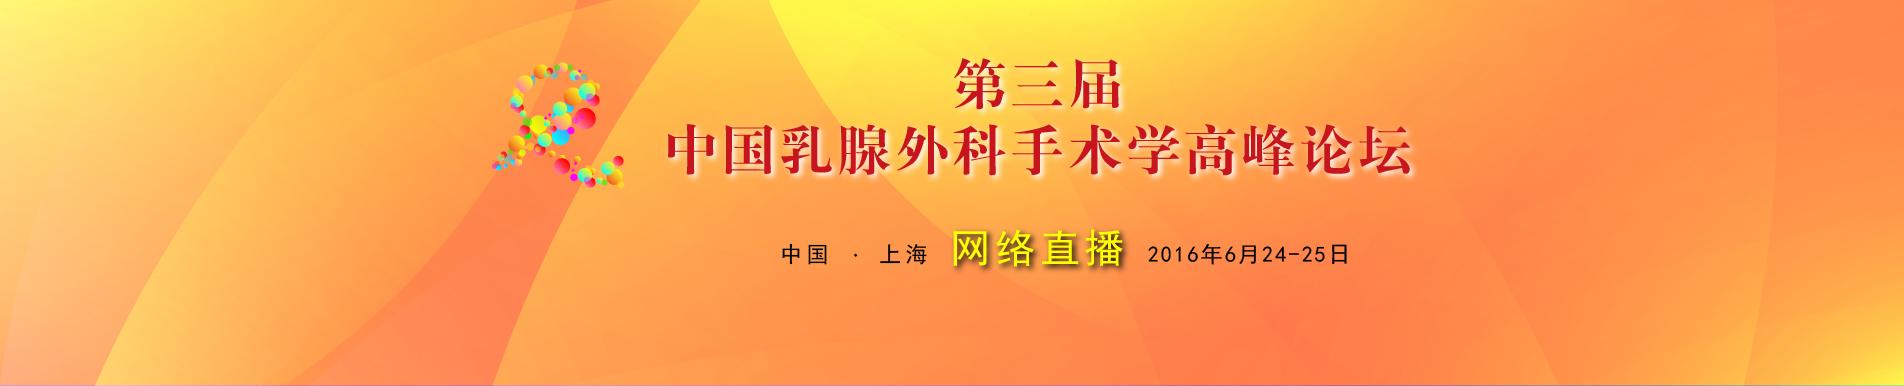 第三届中国乳腺外科手术学高峰论坛